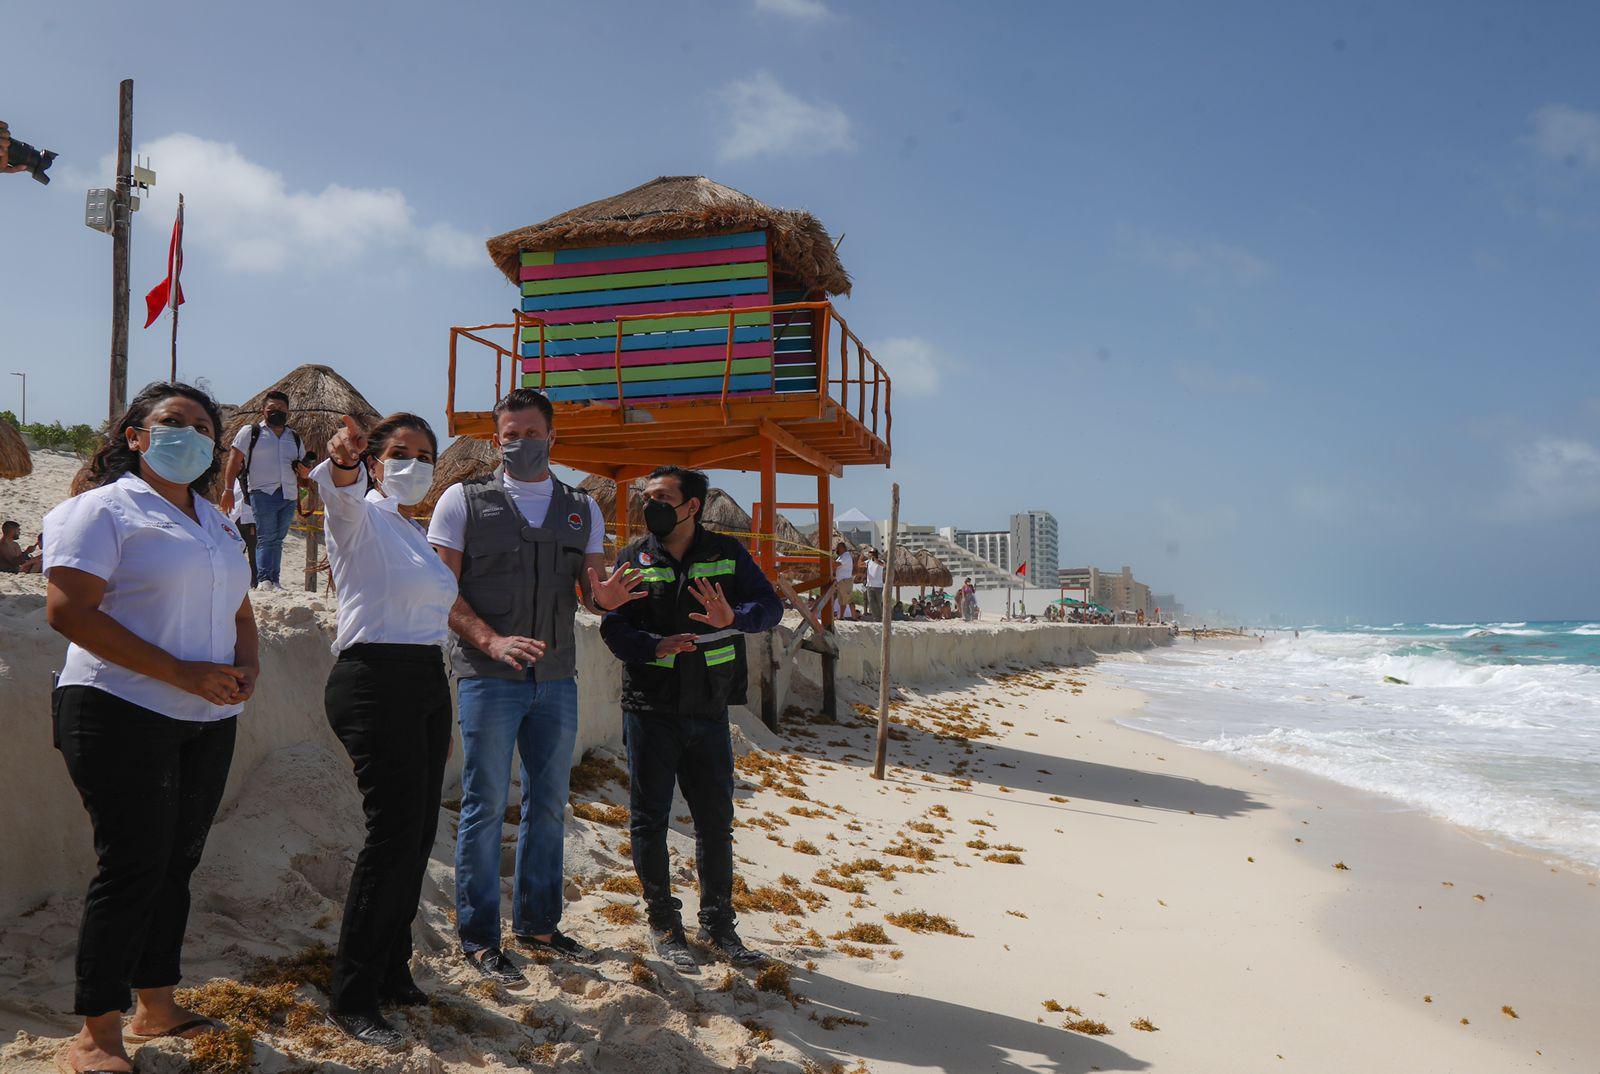 El Municipio de Cancún supervisó las afectaciones ocasionadas por las lluvias registradas en las últimas 24 horas en Playa Delfines